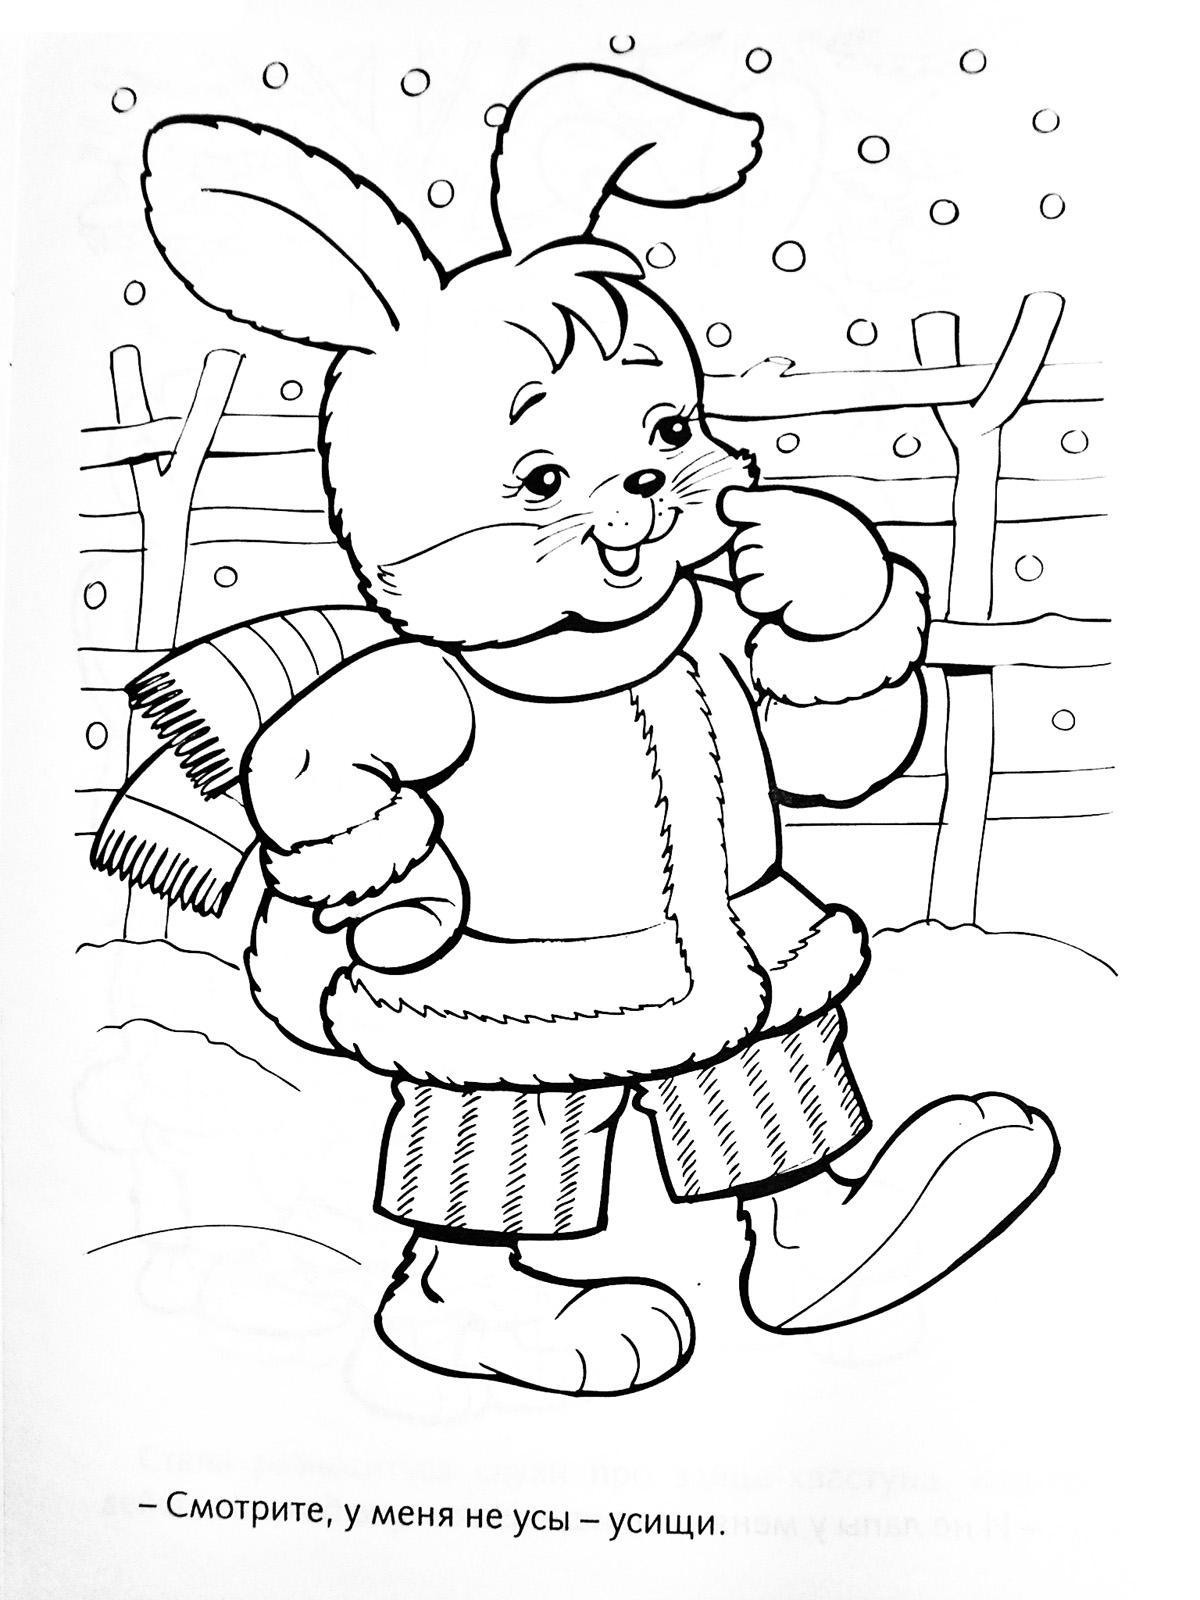 Раскраски тепло Зайчонок тепло одетый стоит на улице на снегу и идет снег